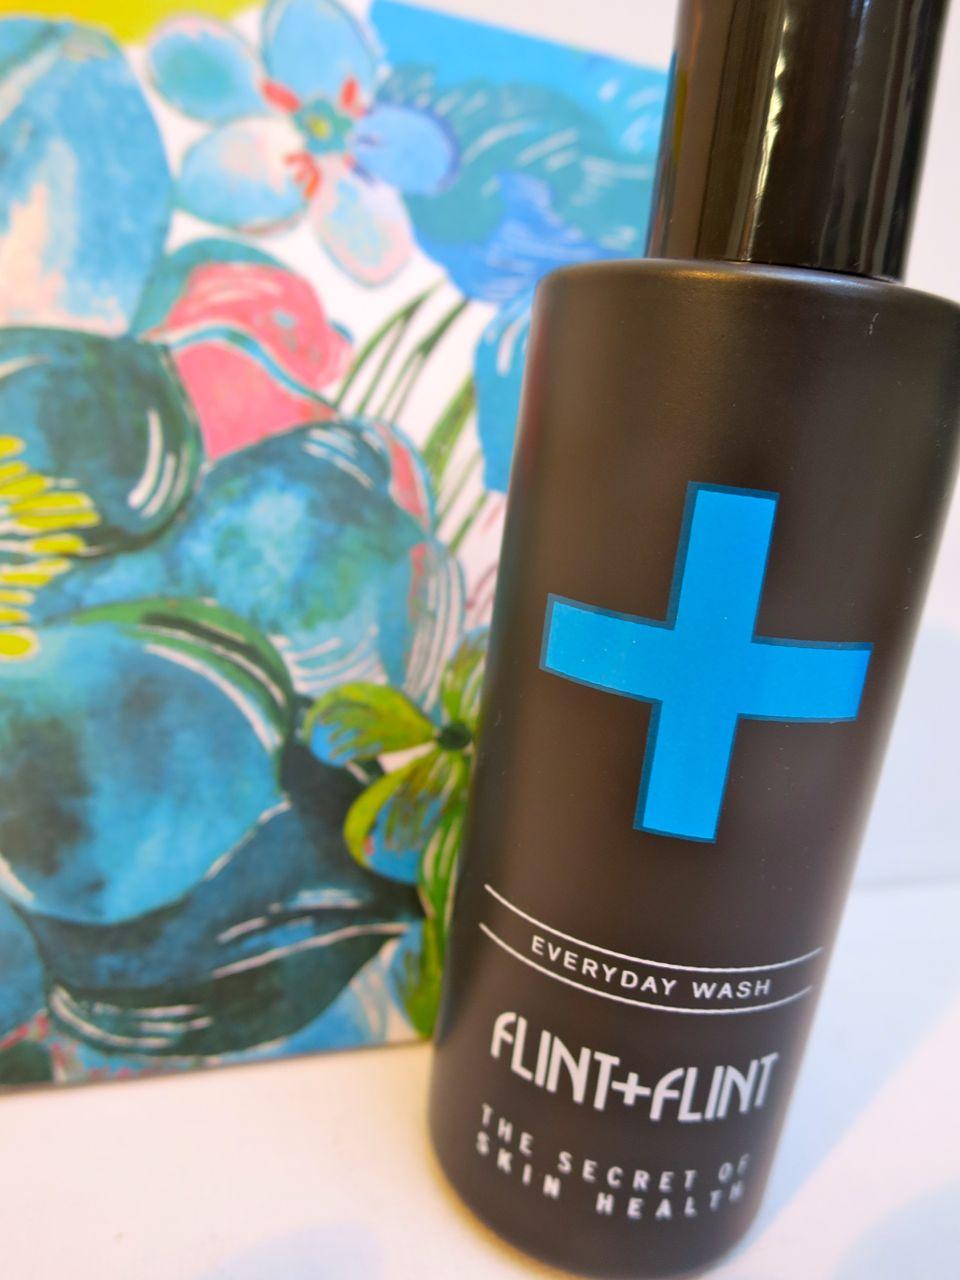 Flint + Flint Everyday Wash